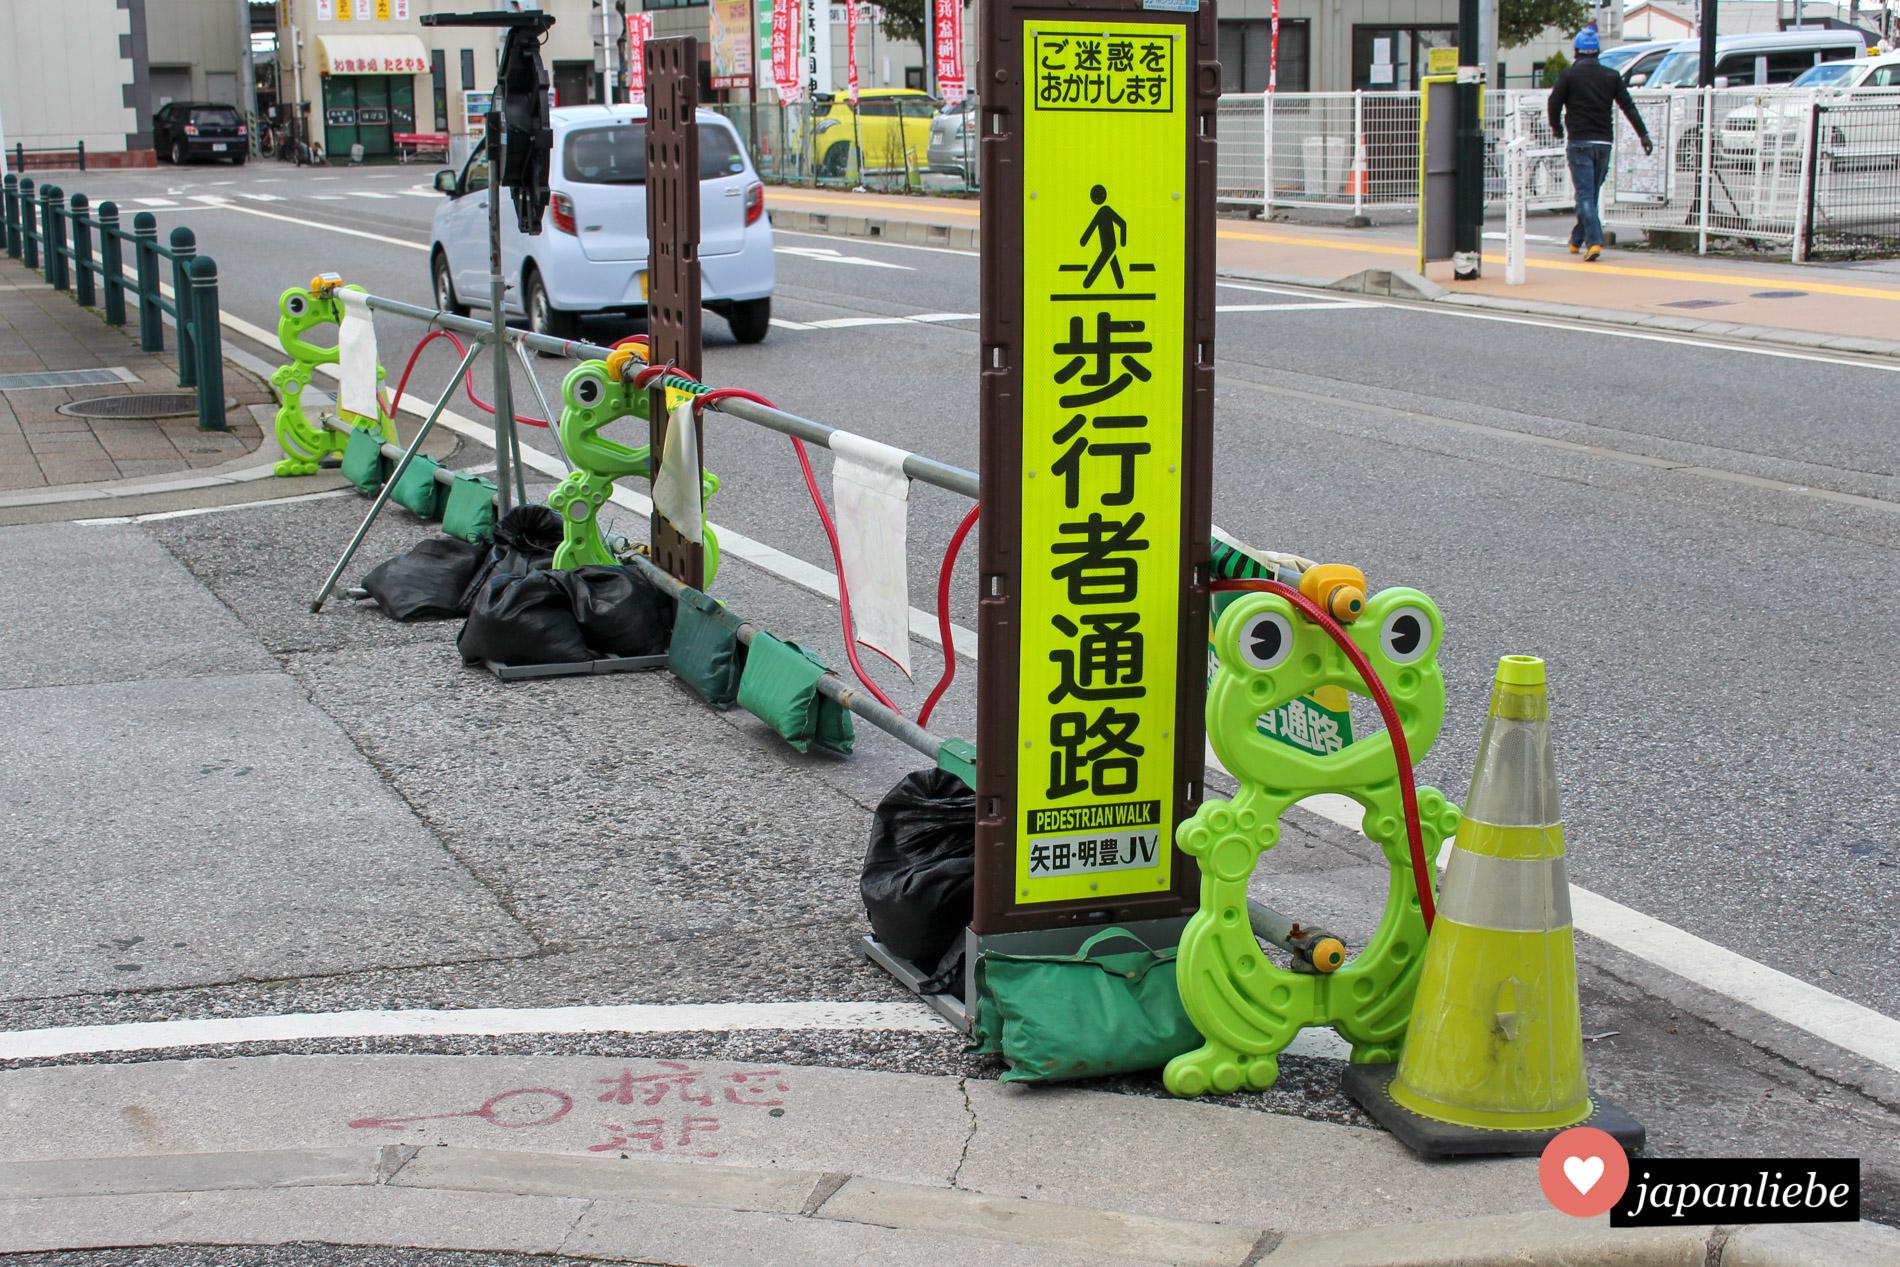 Eine niedliche Baustellenabsperrung in Japan in From von Fröschen.